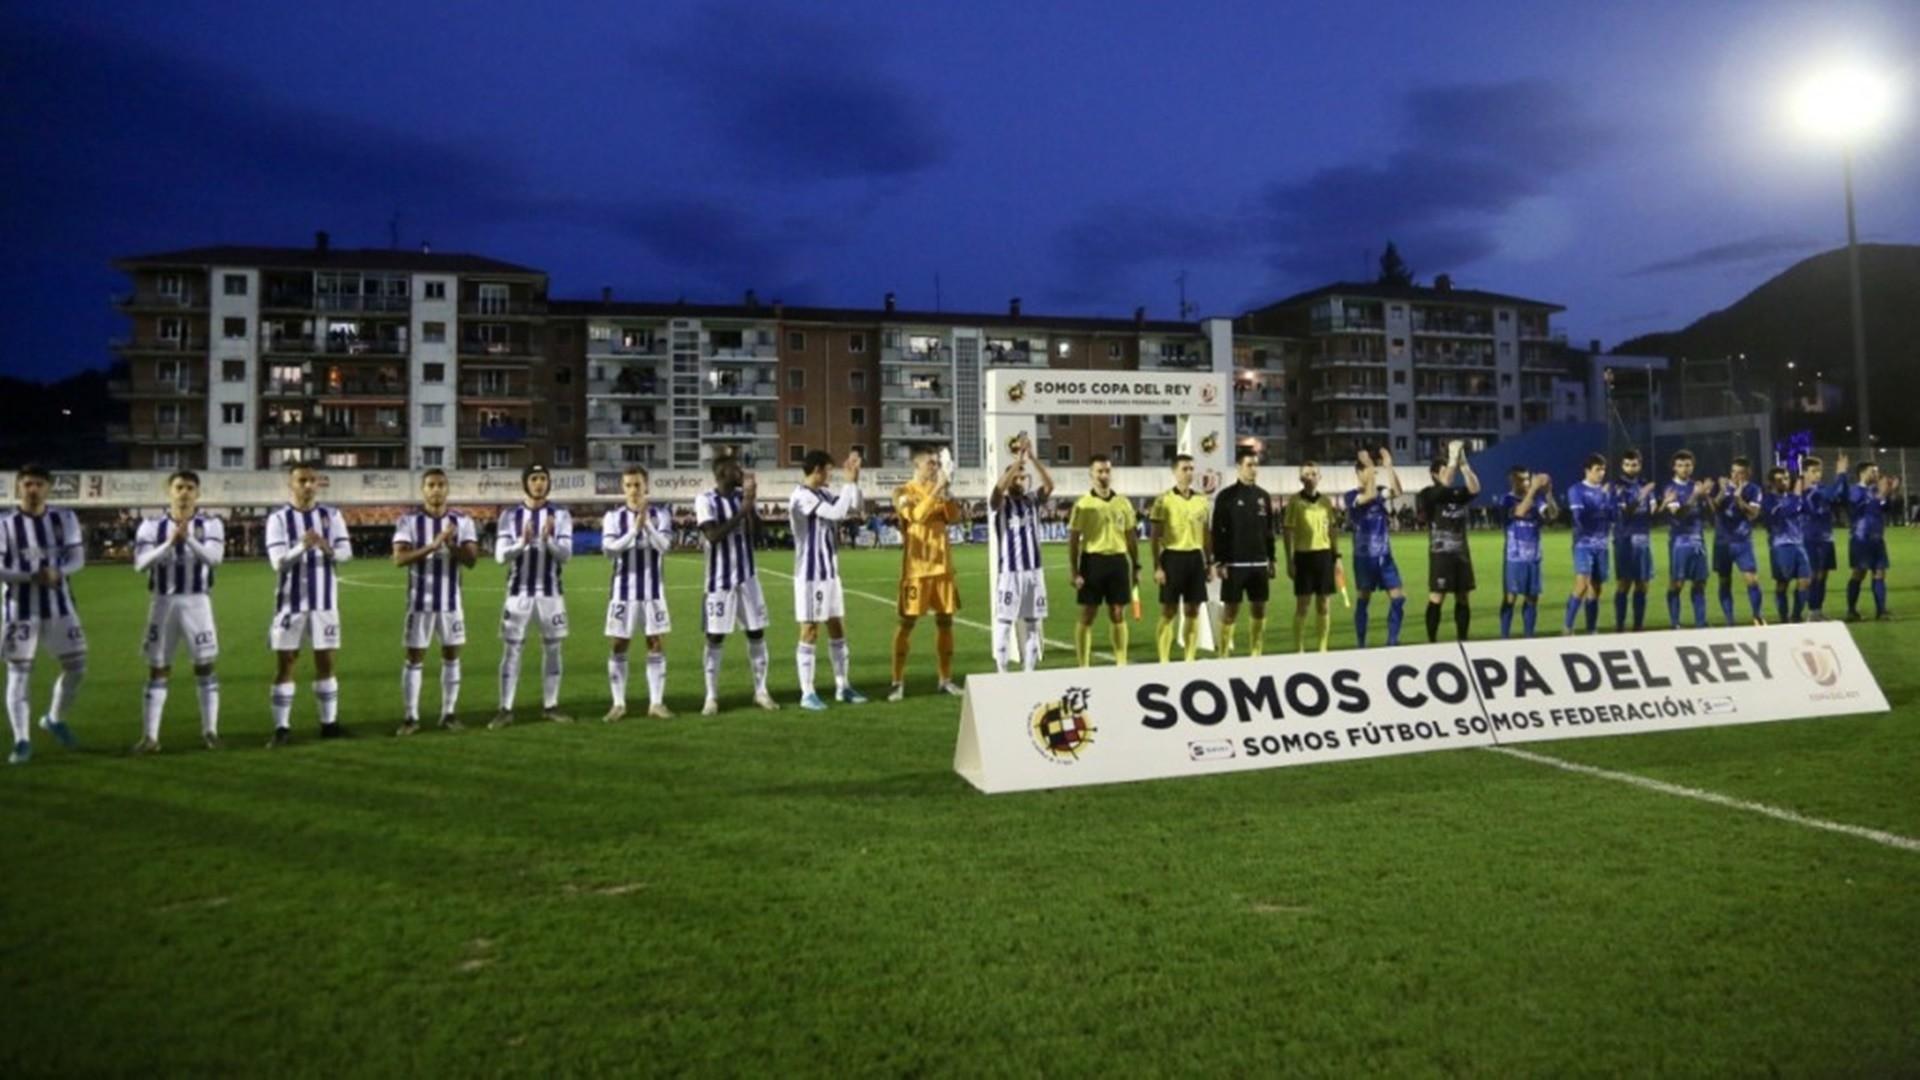 A La Espera De Rival En Copa Real Valladolid Web Oficial